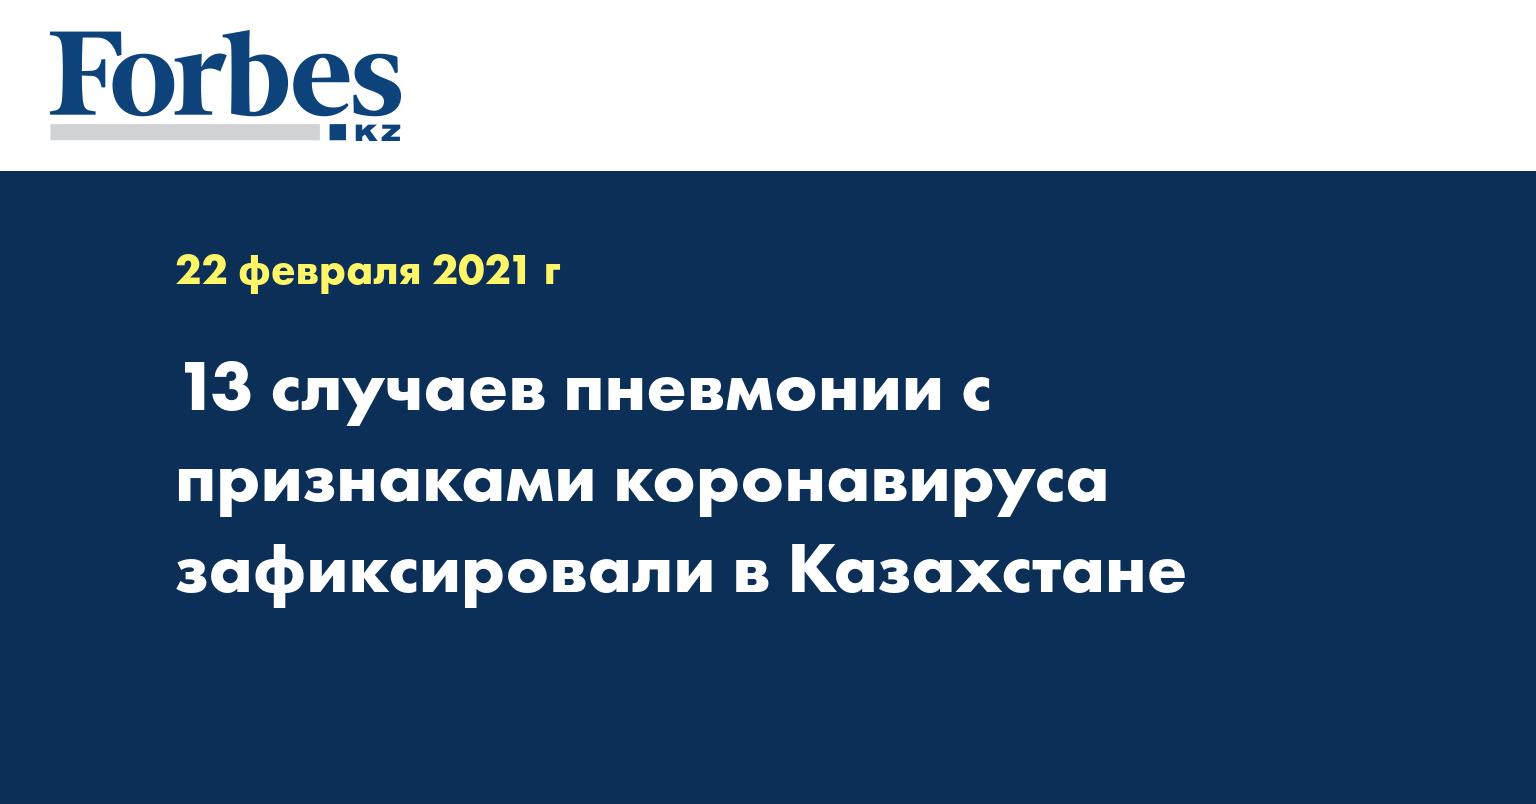 13 случаев пневмонии с признаками коронавируса зафиксировали в Казахстане